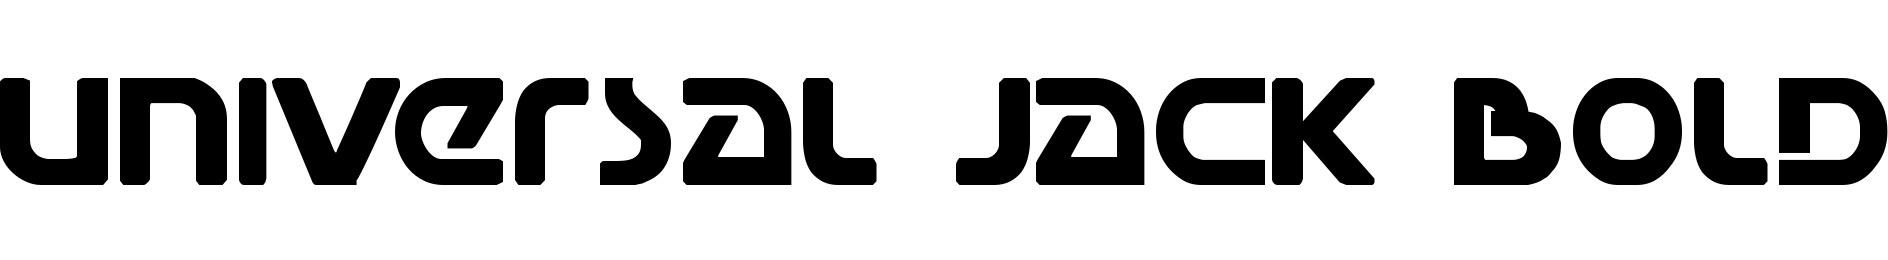 Universal Jack Bold